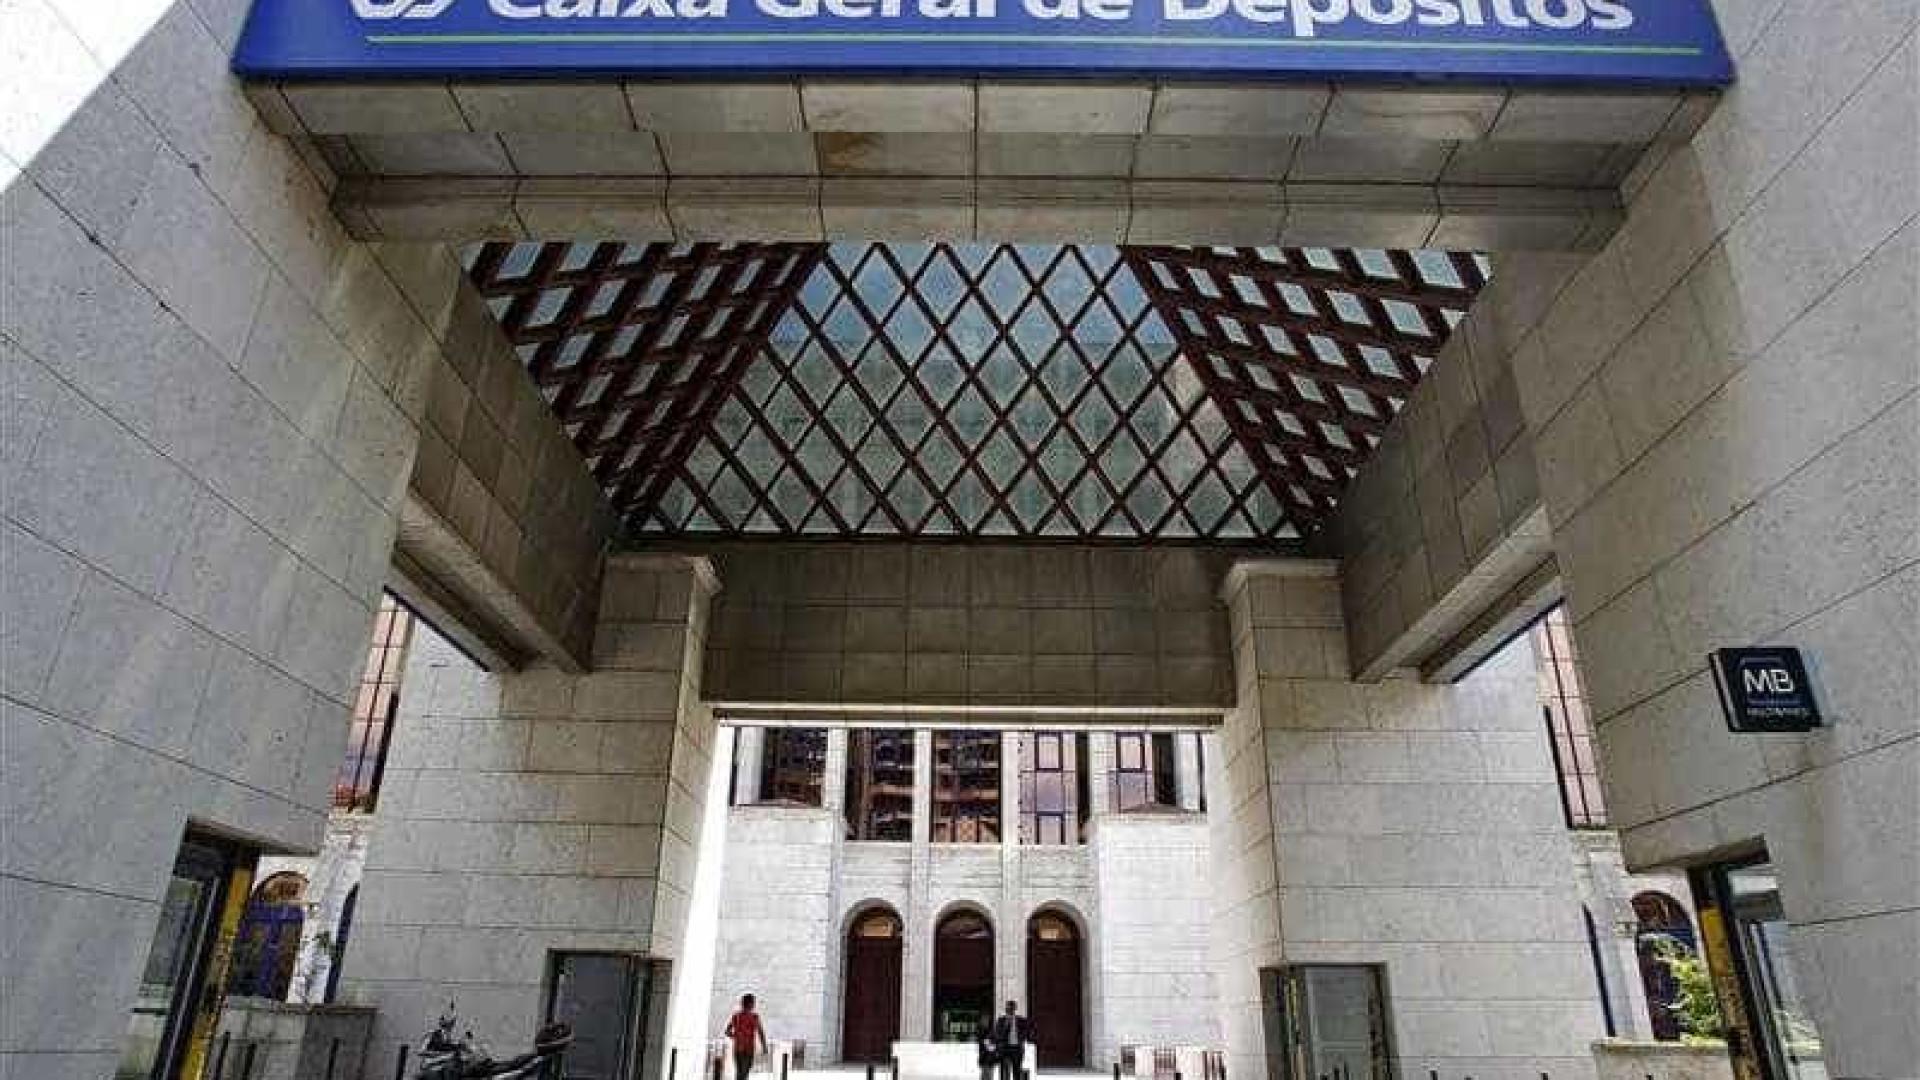 Greve na CGD em França fecha 14 agências e diálogo mantém-se